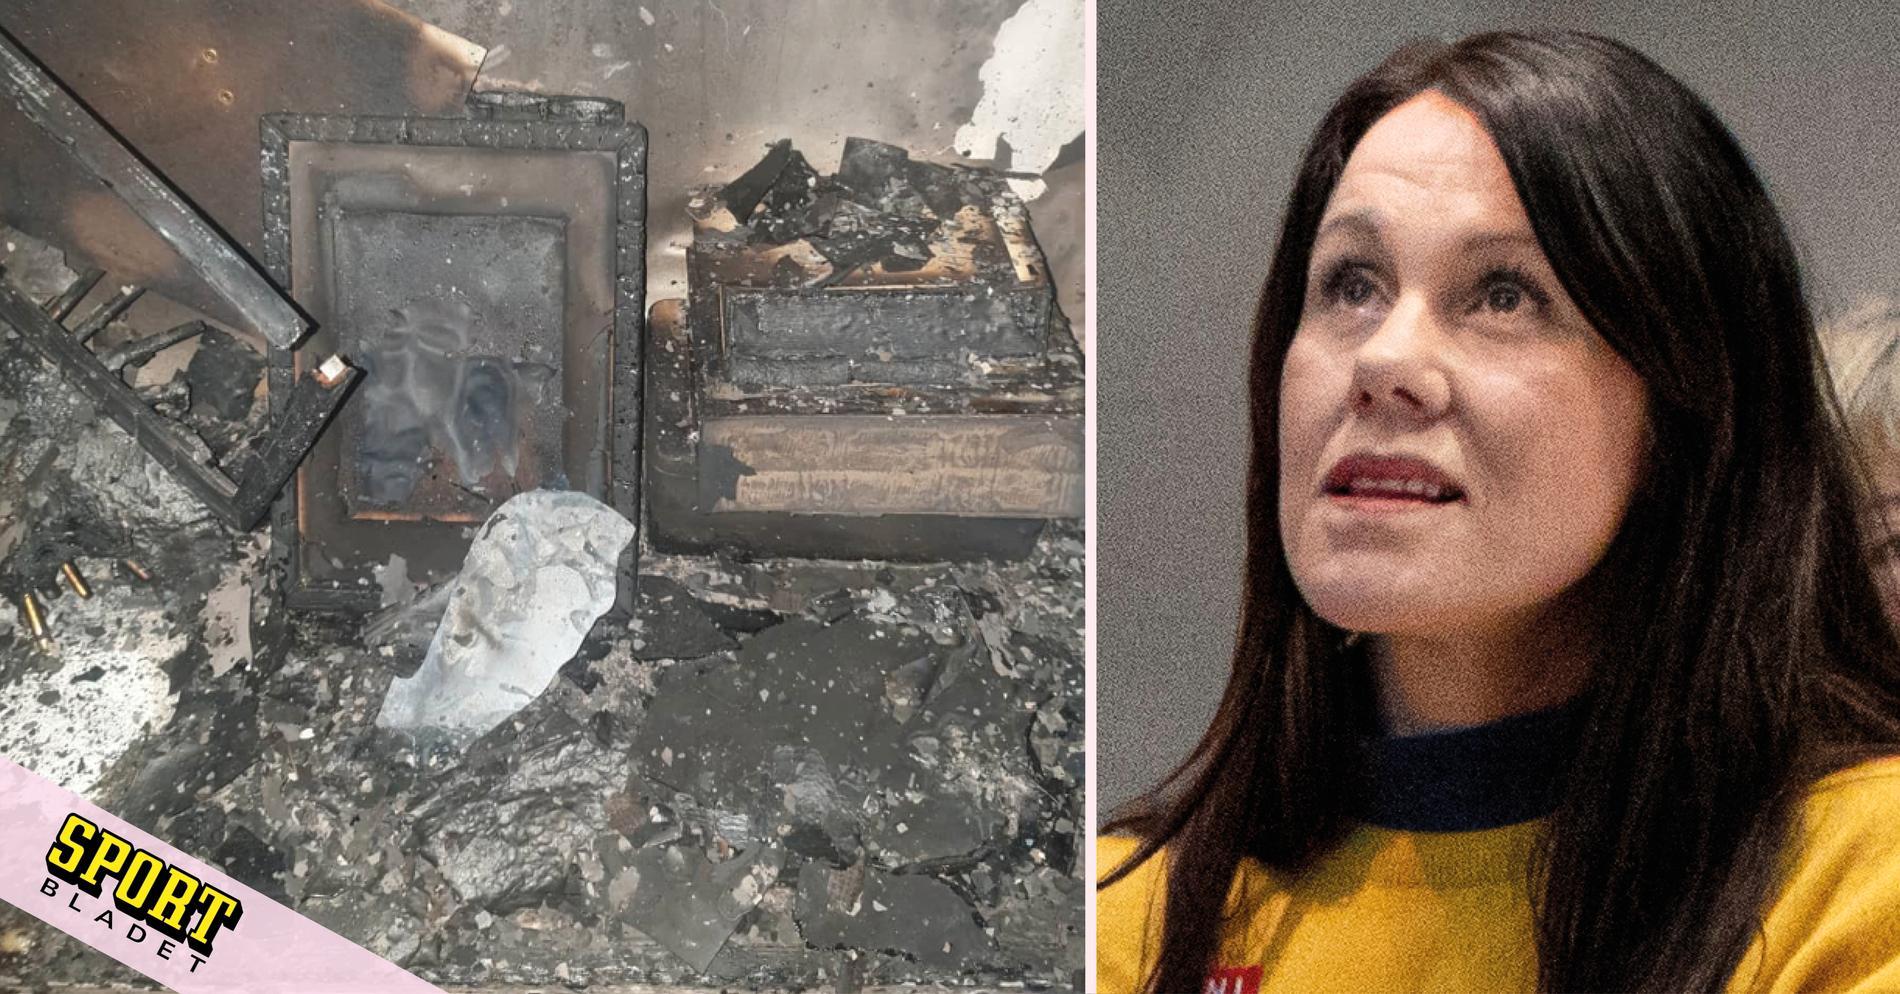 Guldhoppets hus brann ner: Det var surrealistiskt